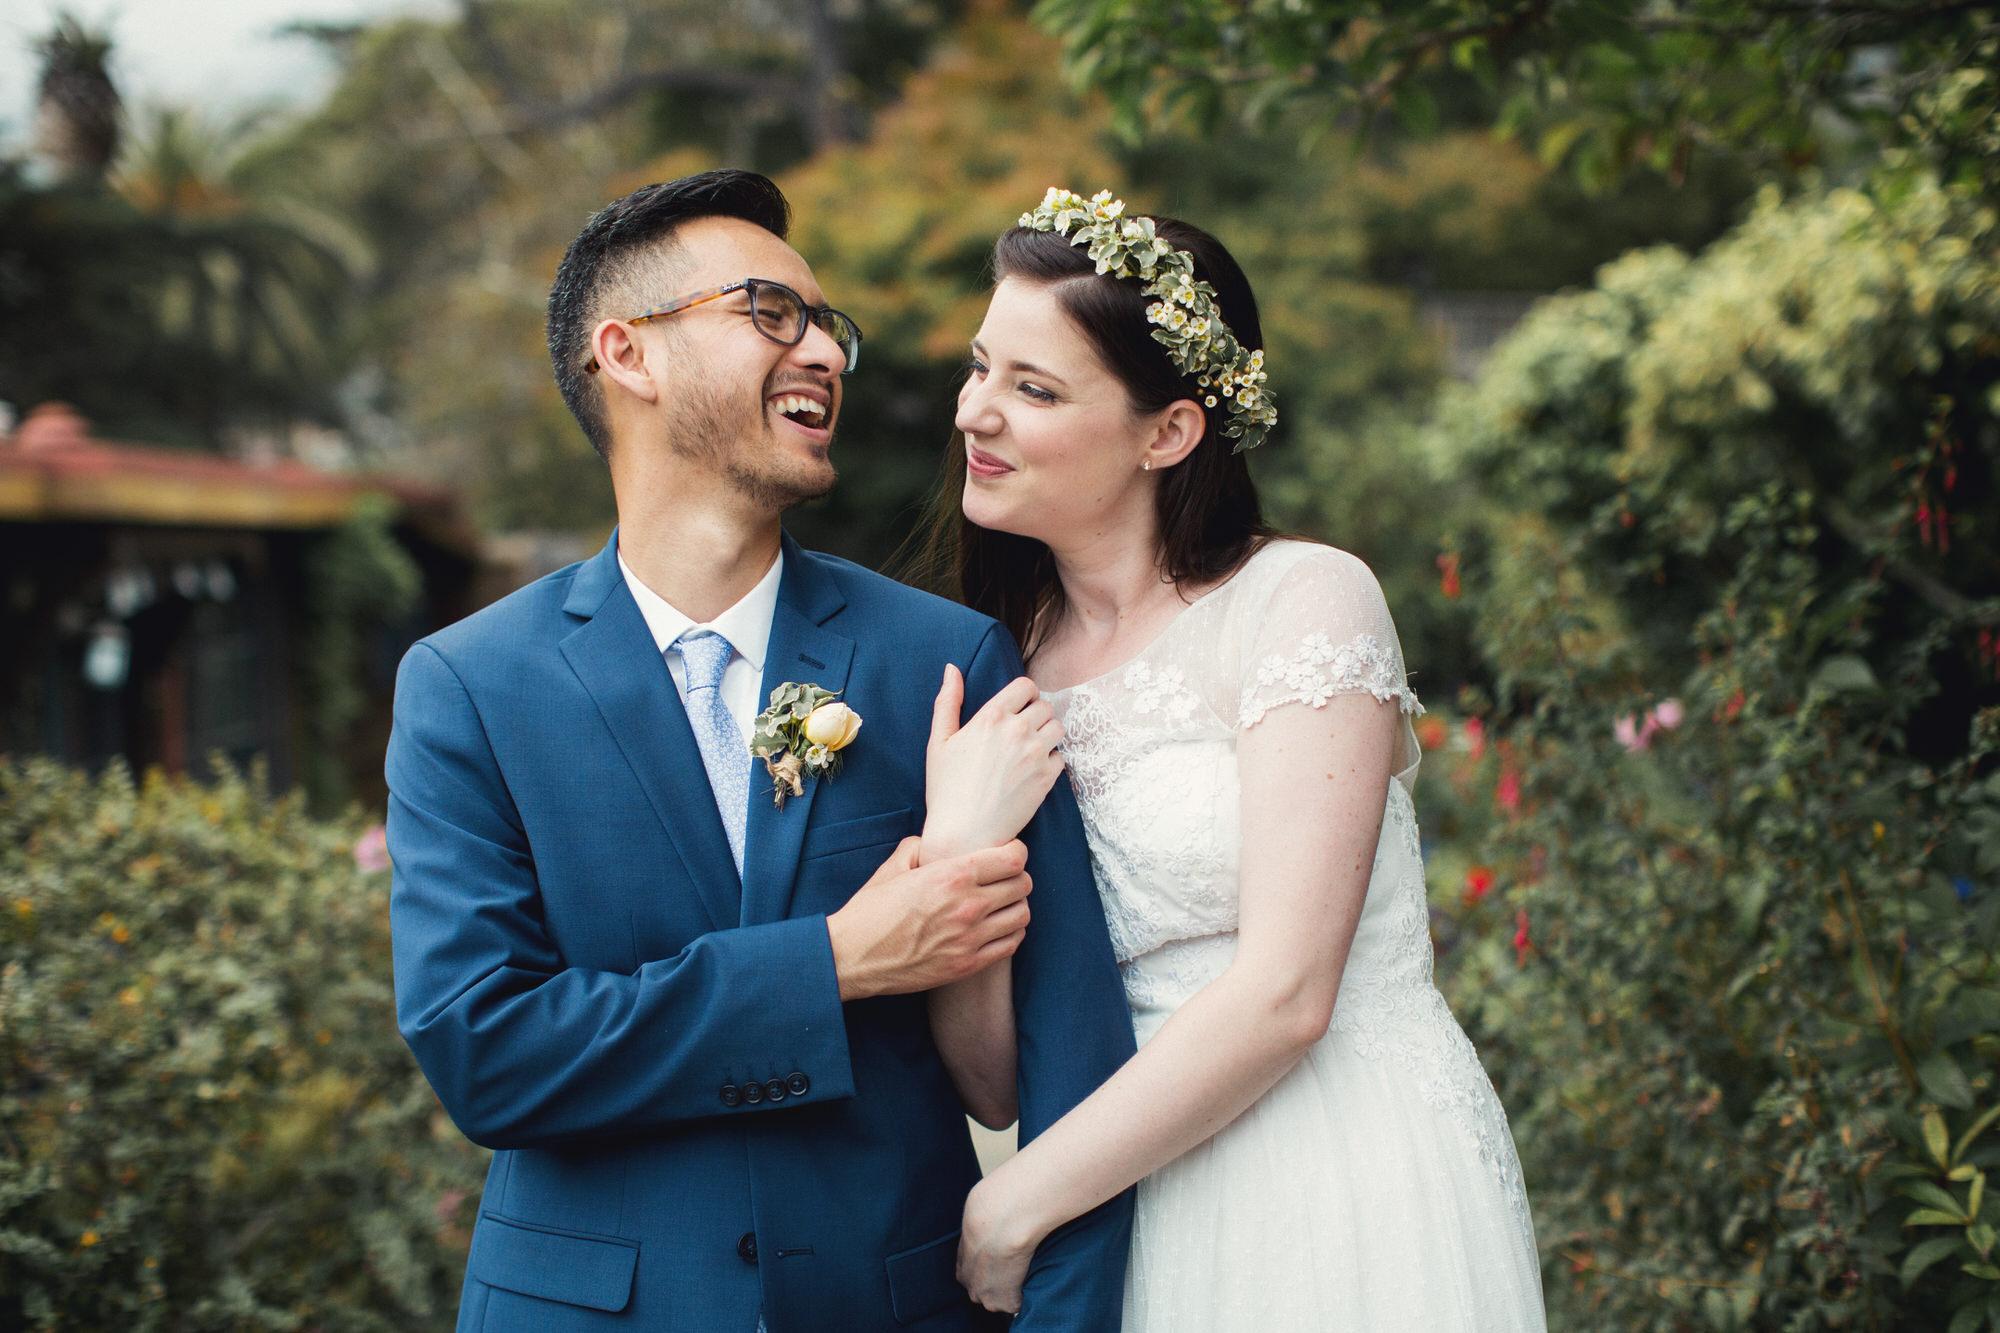 happy couple photos